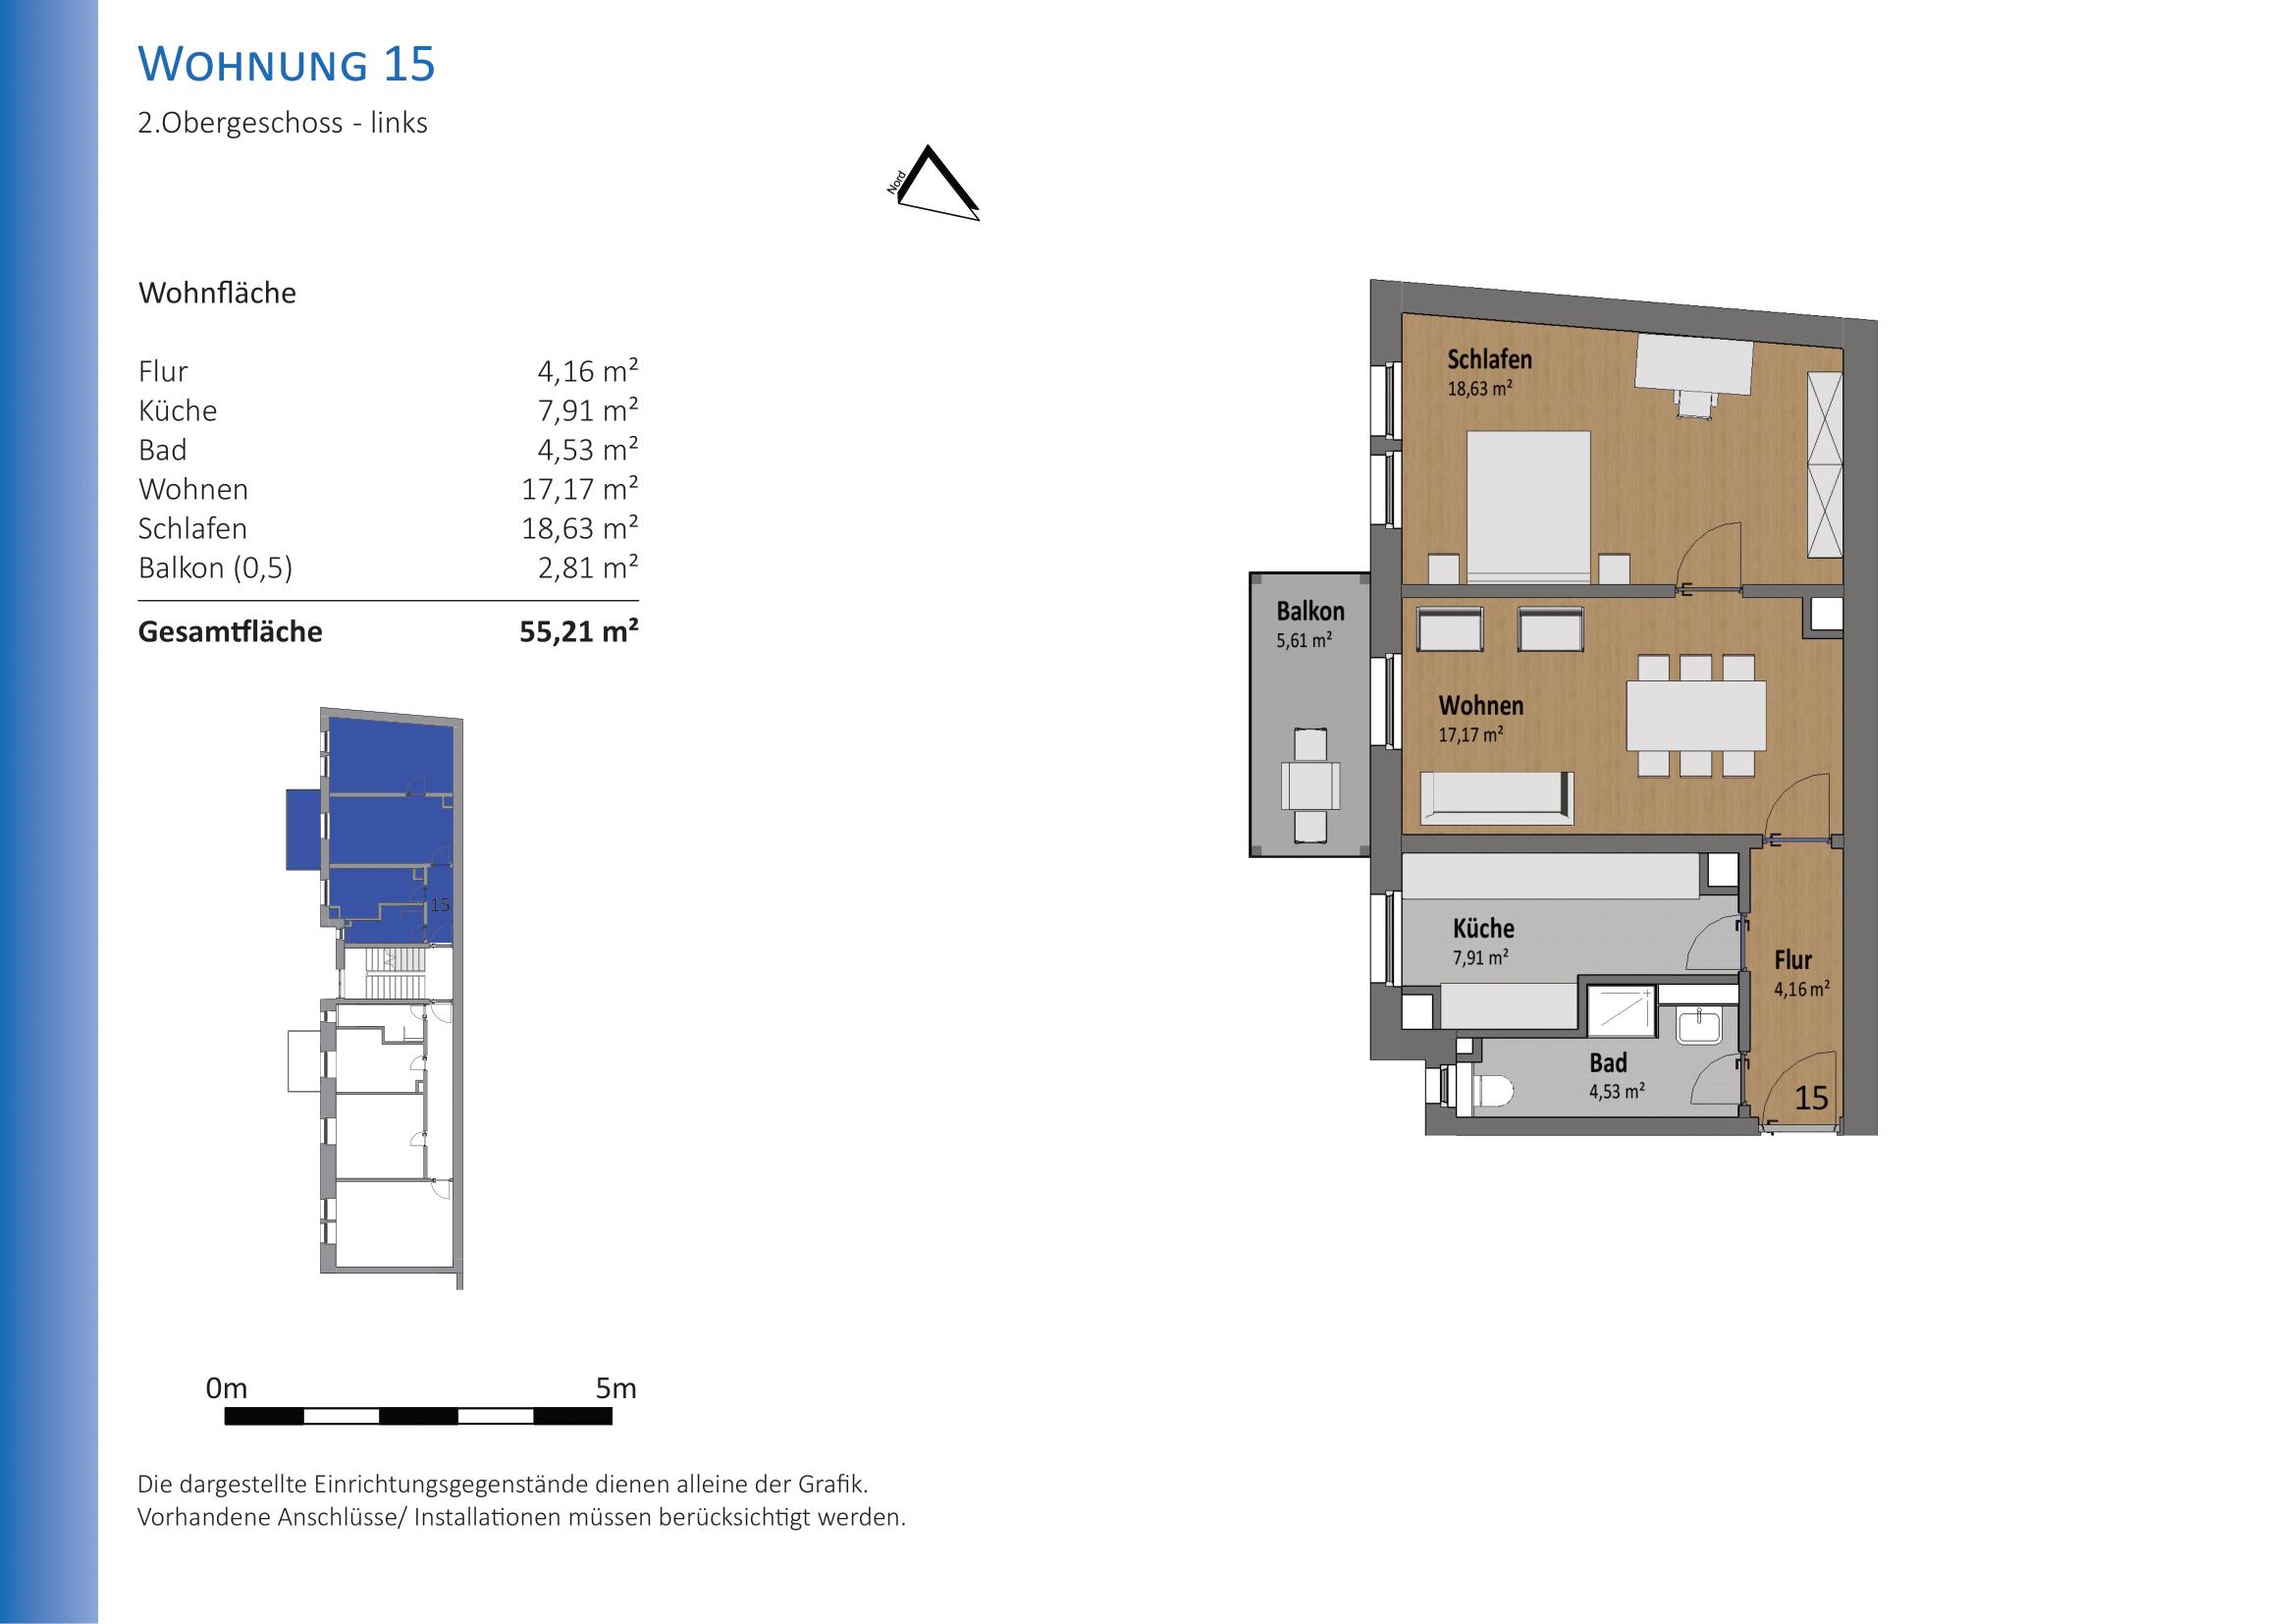 Wohnung 15